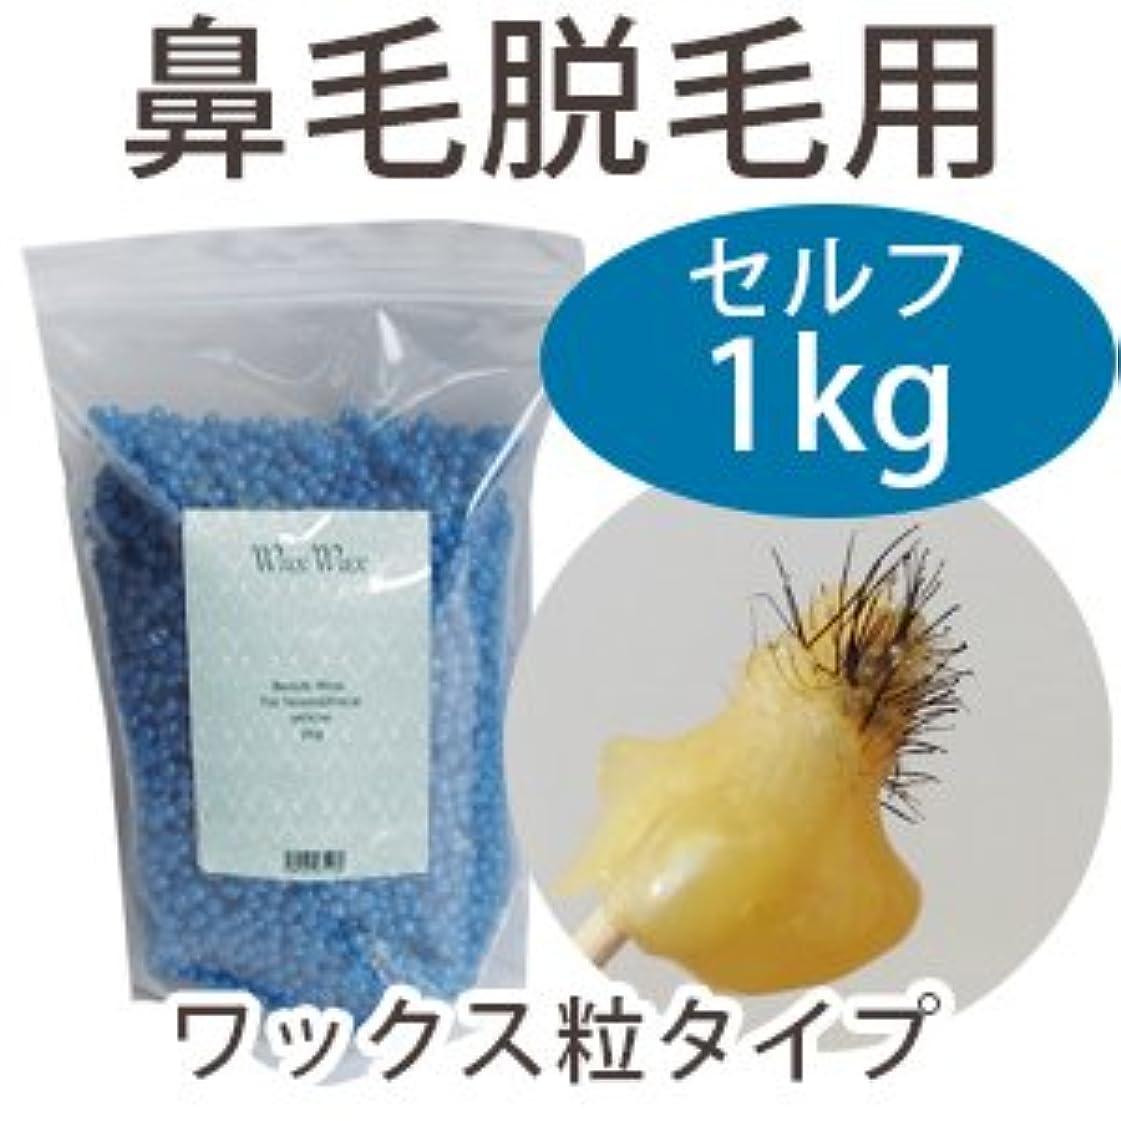 多様性餌はしご鼻毛 産毛 脱毛 ビーズ ワックス (ブルー 1kg)